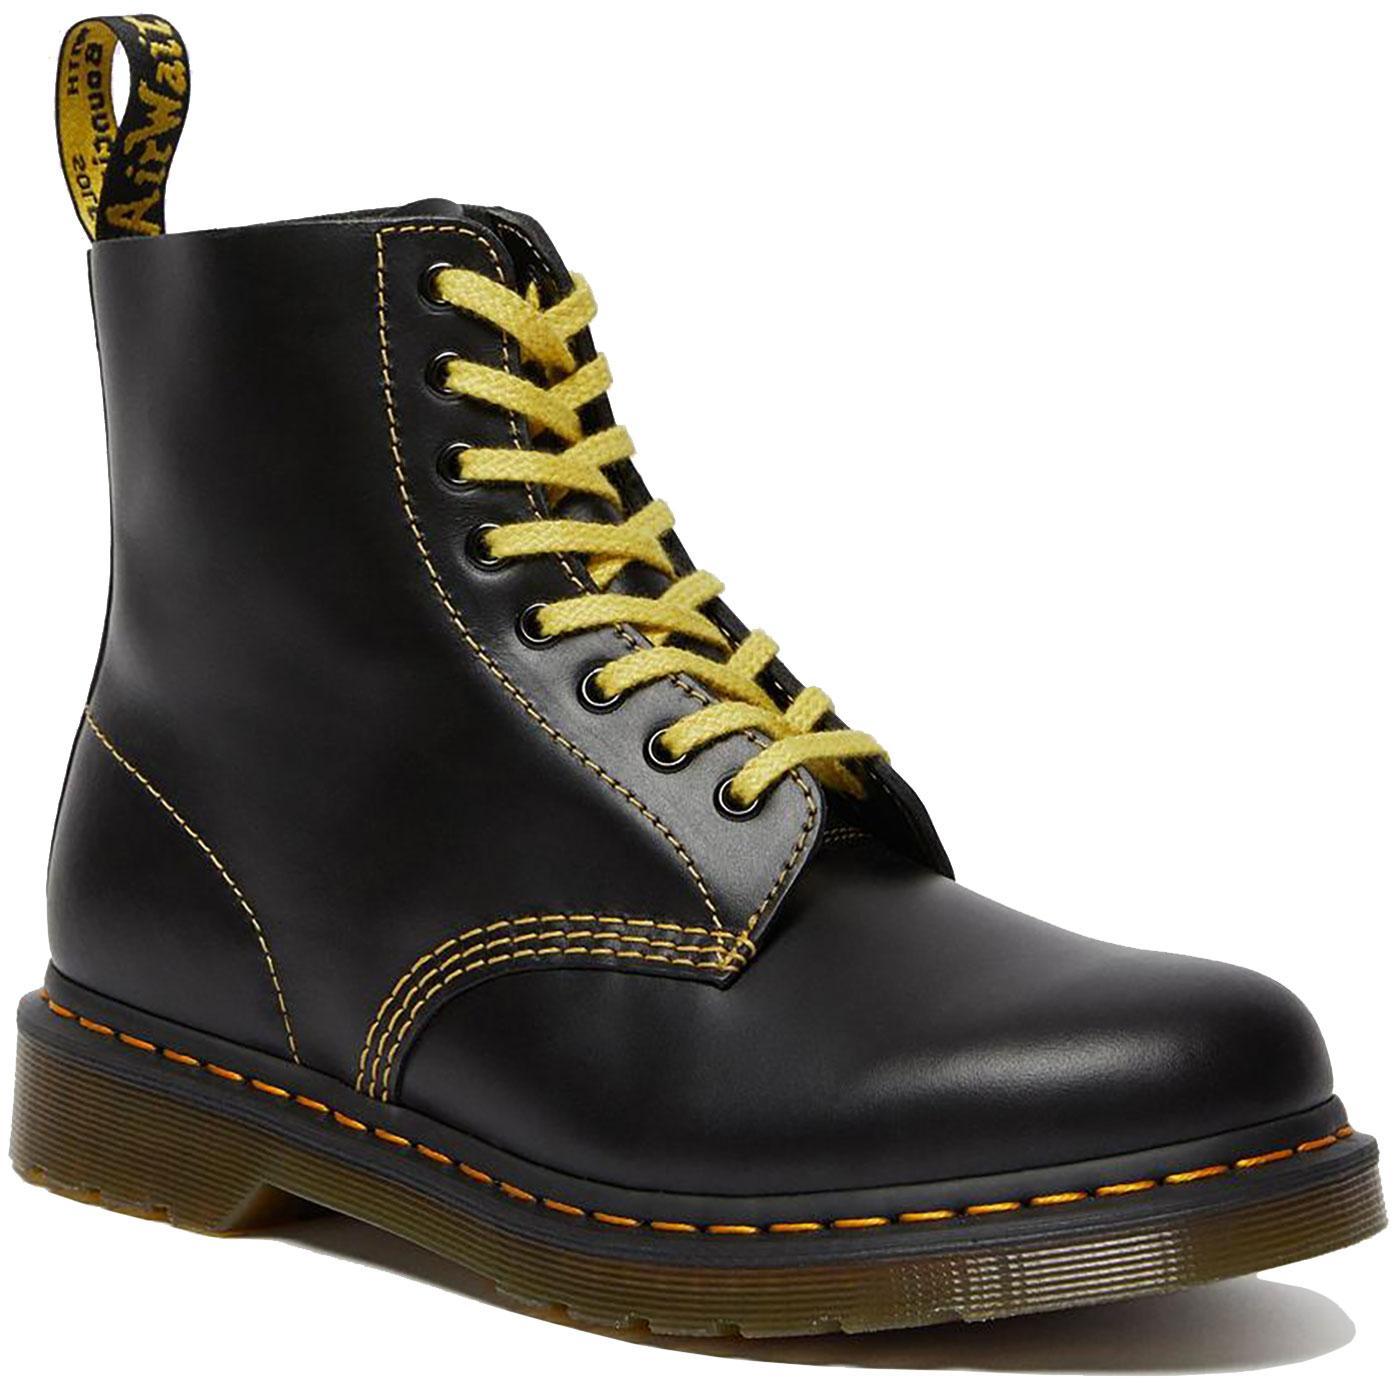 1460 Pascal DR MARTENS Contrast Stitch Boots DG